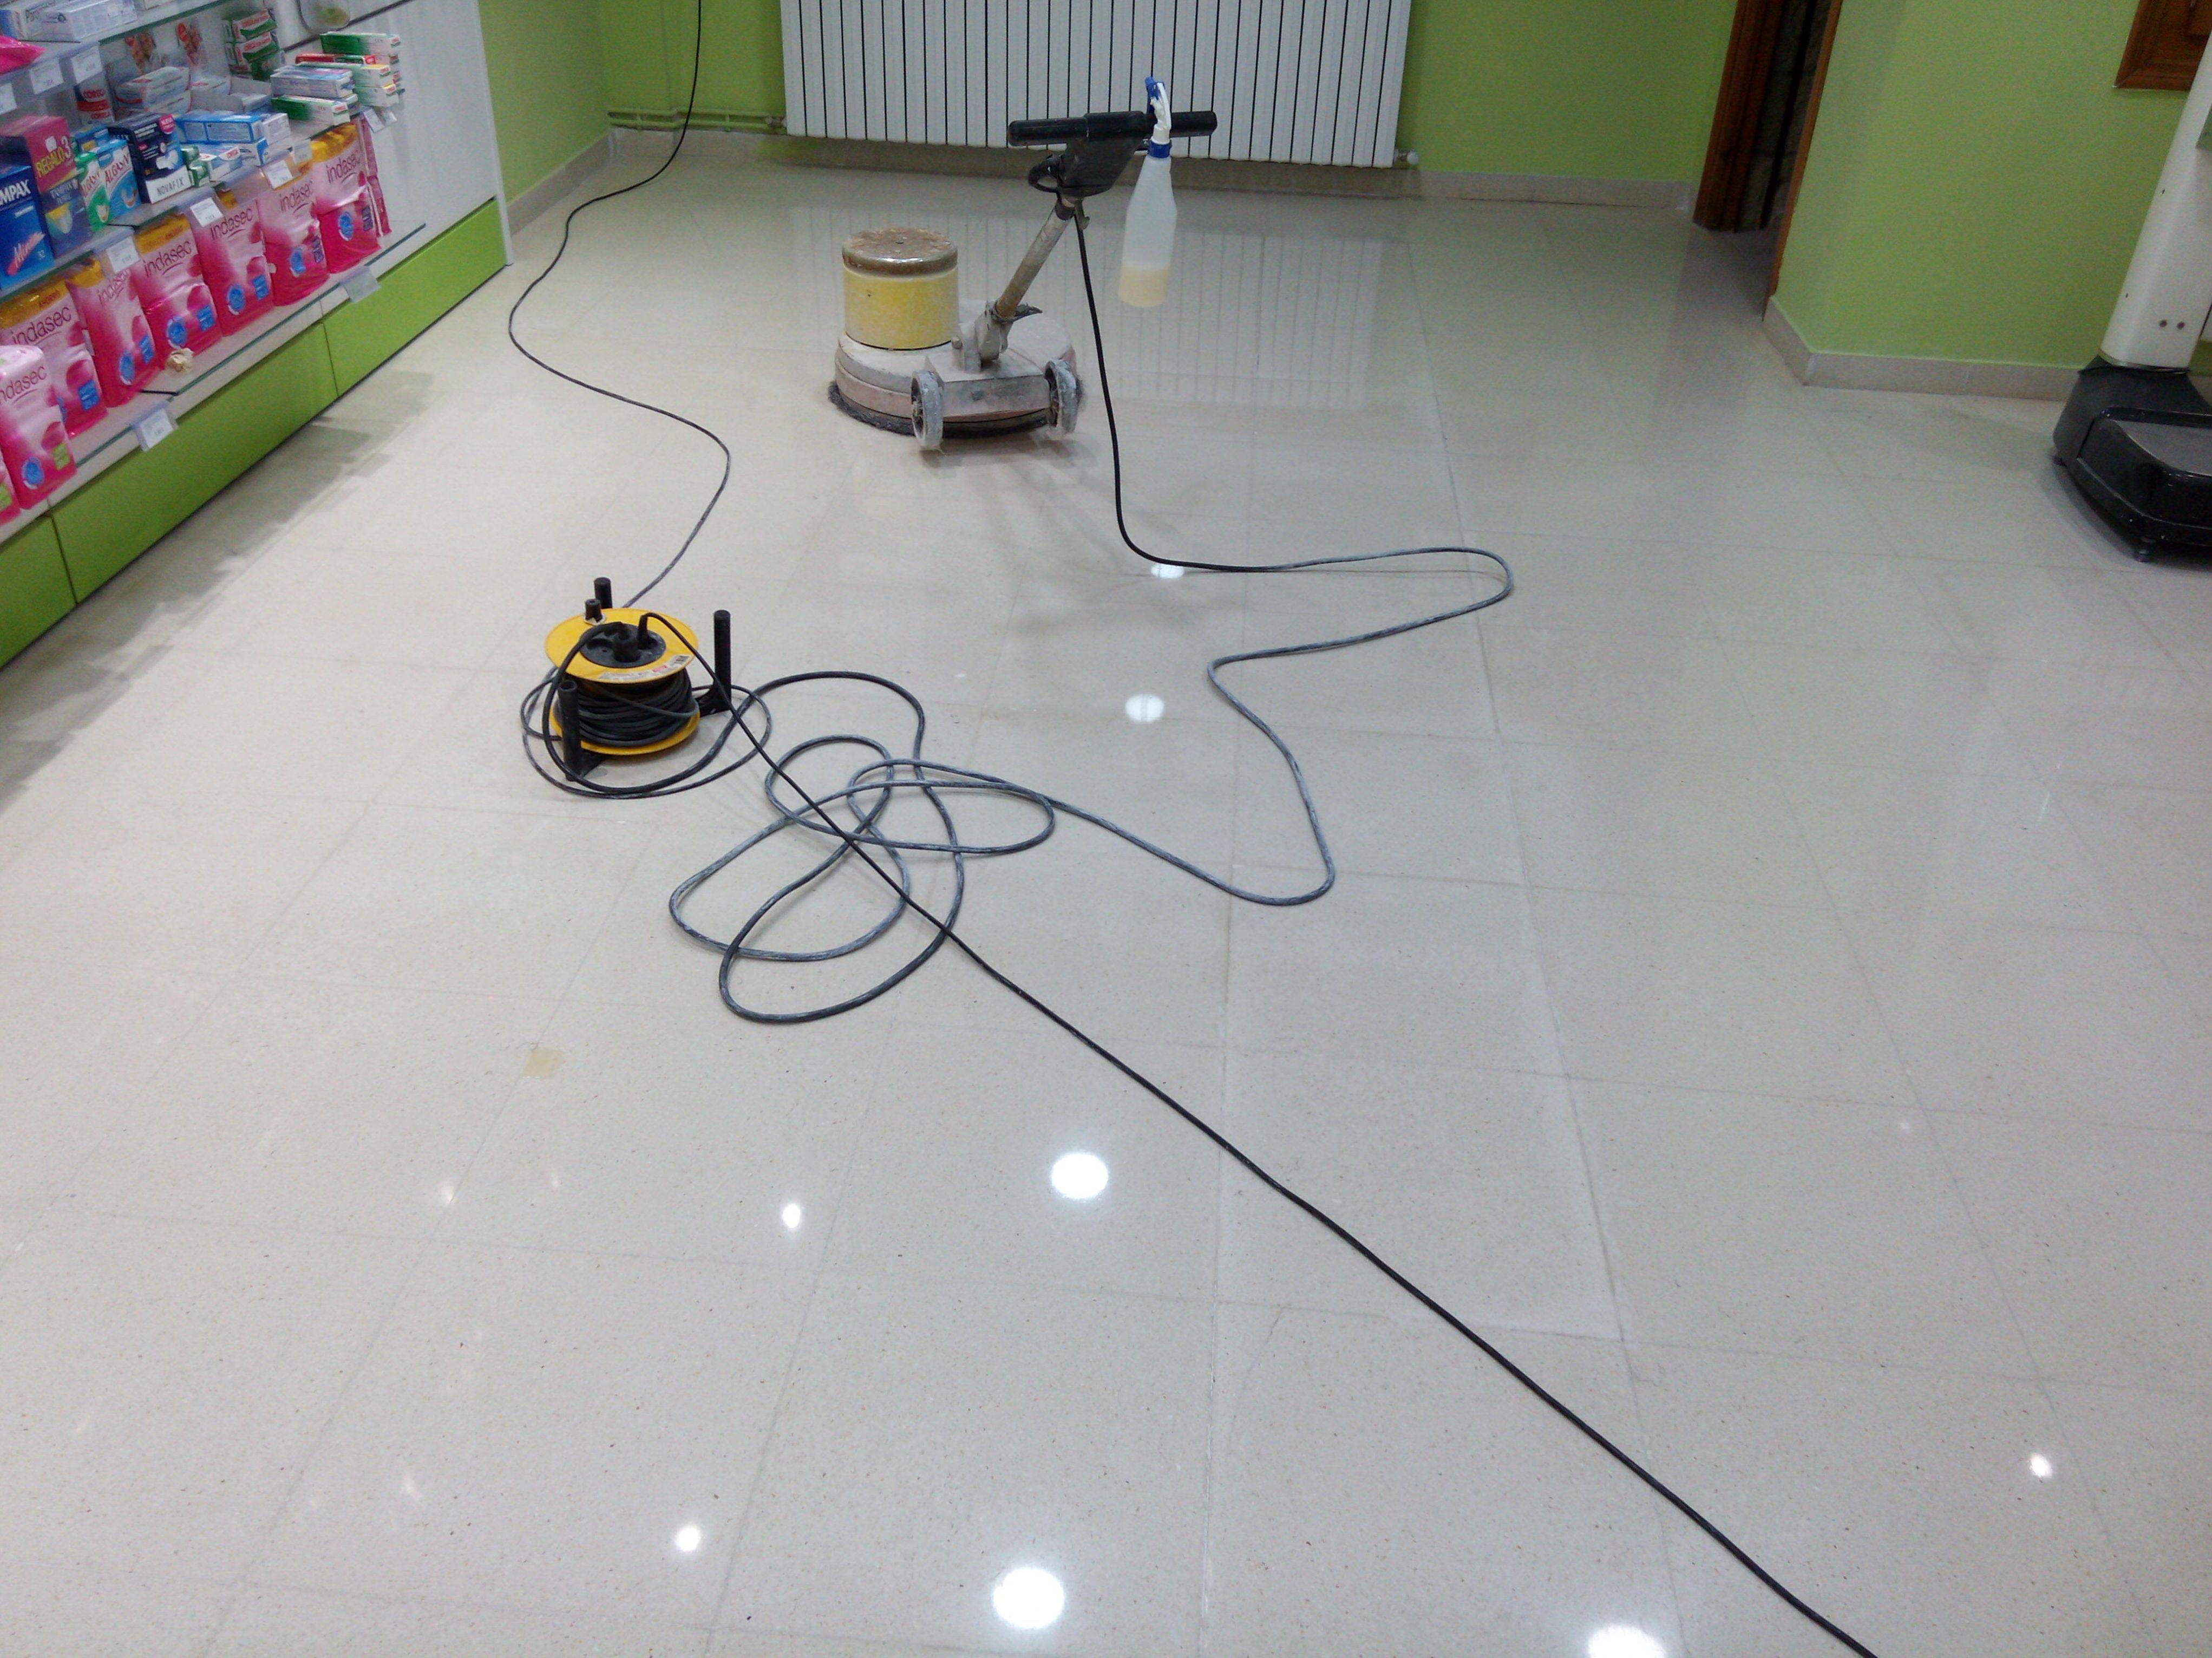 Equipos de calidad para limpieza de suelos